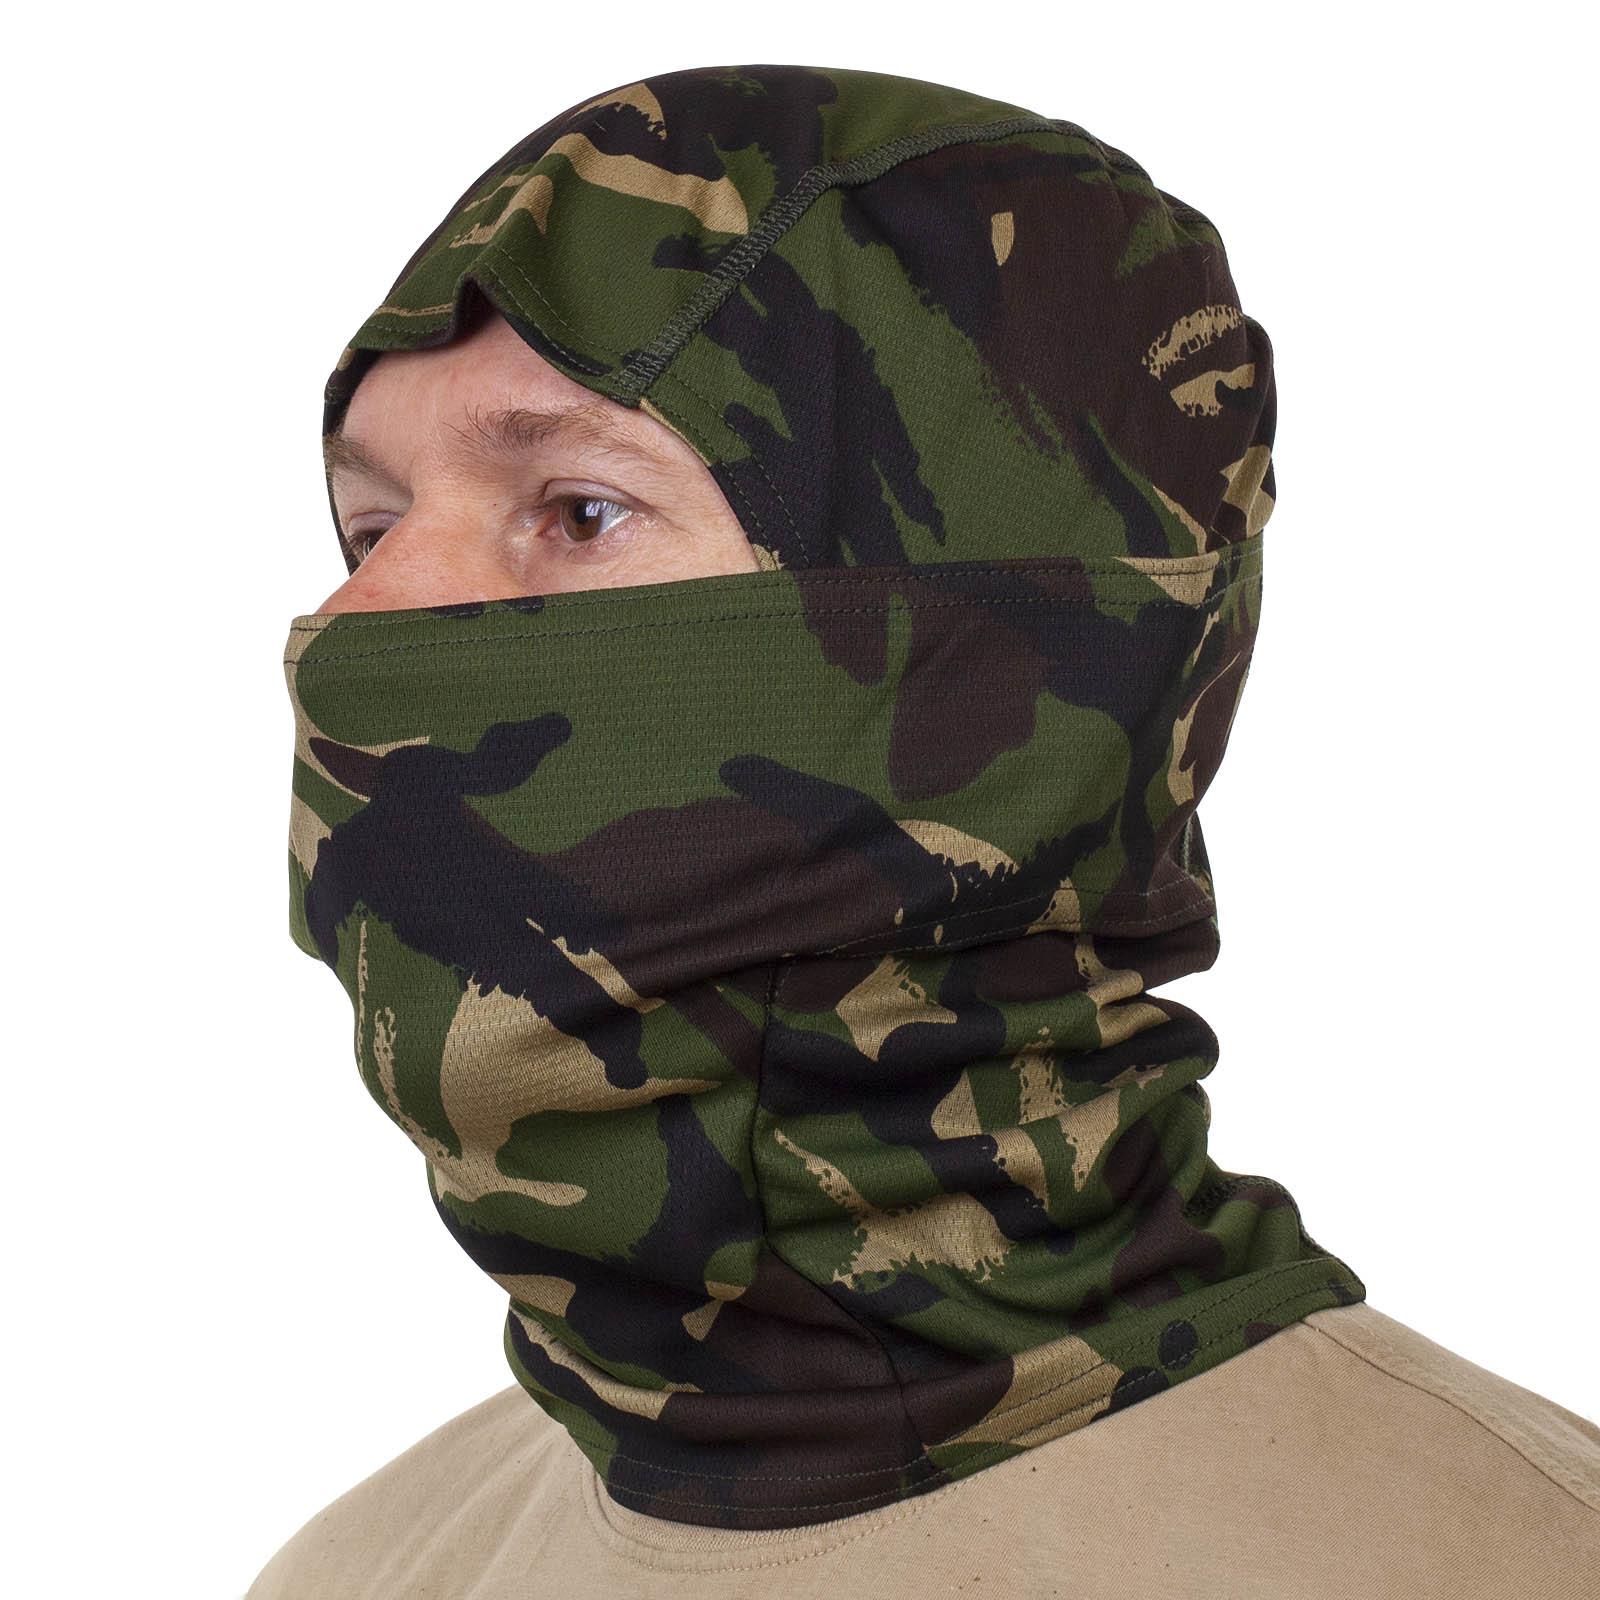 Купить в интернет магазине маску балаклаву в камуфляже Мультикам